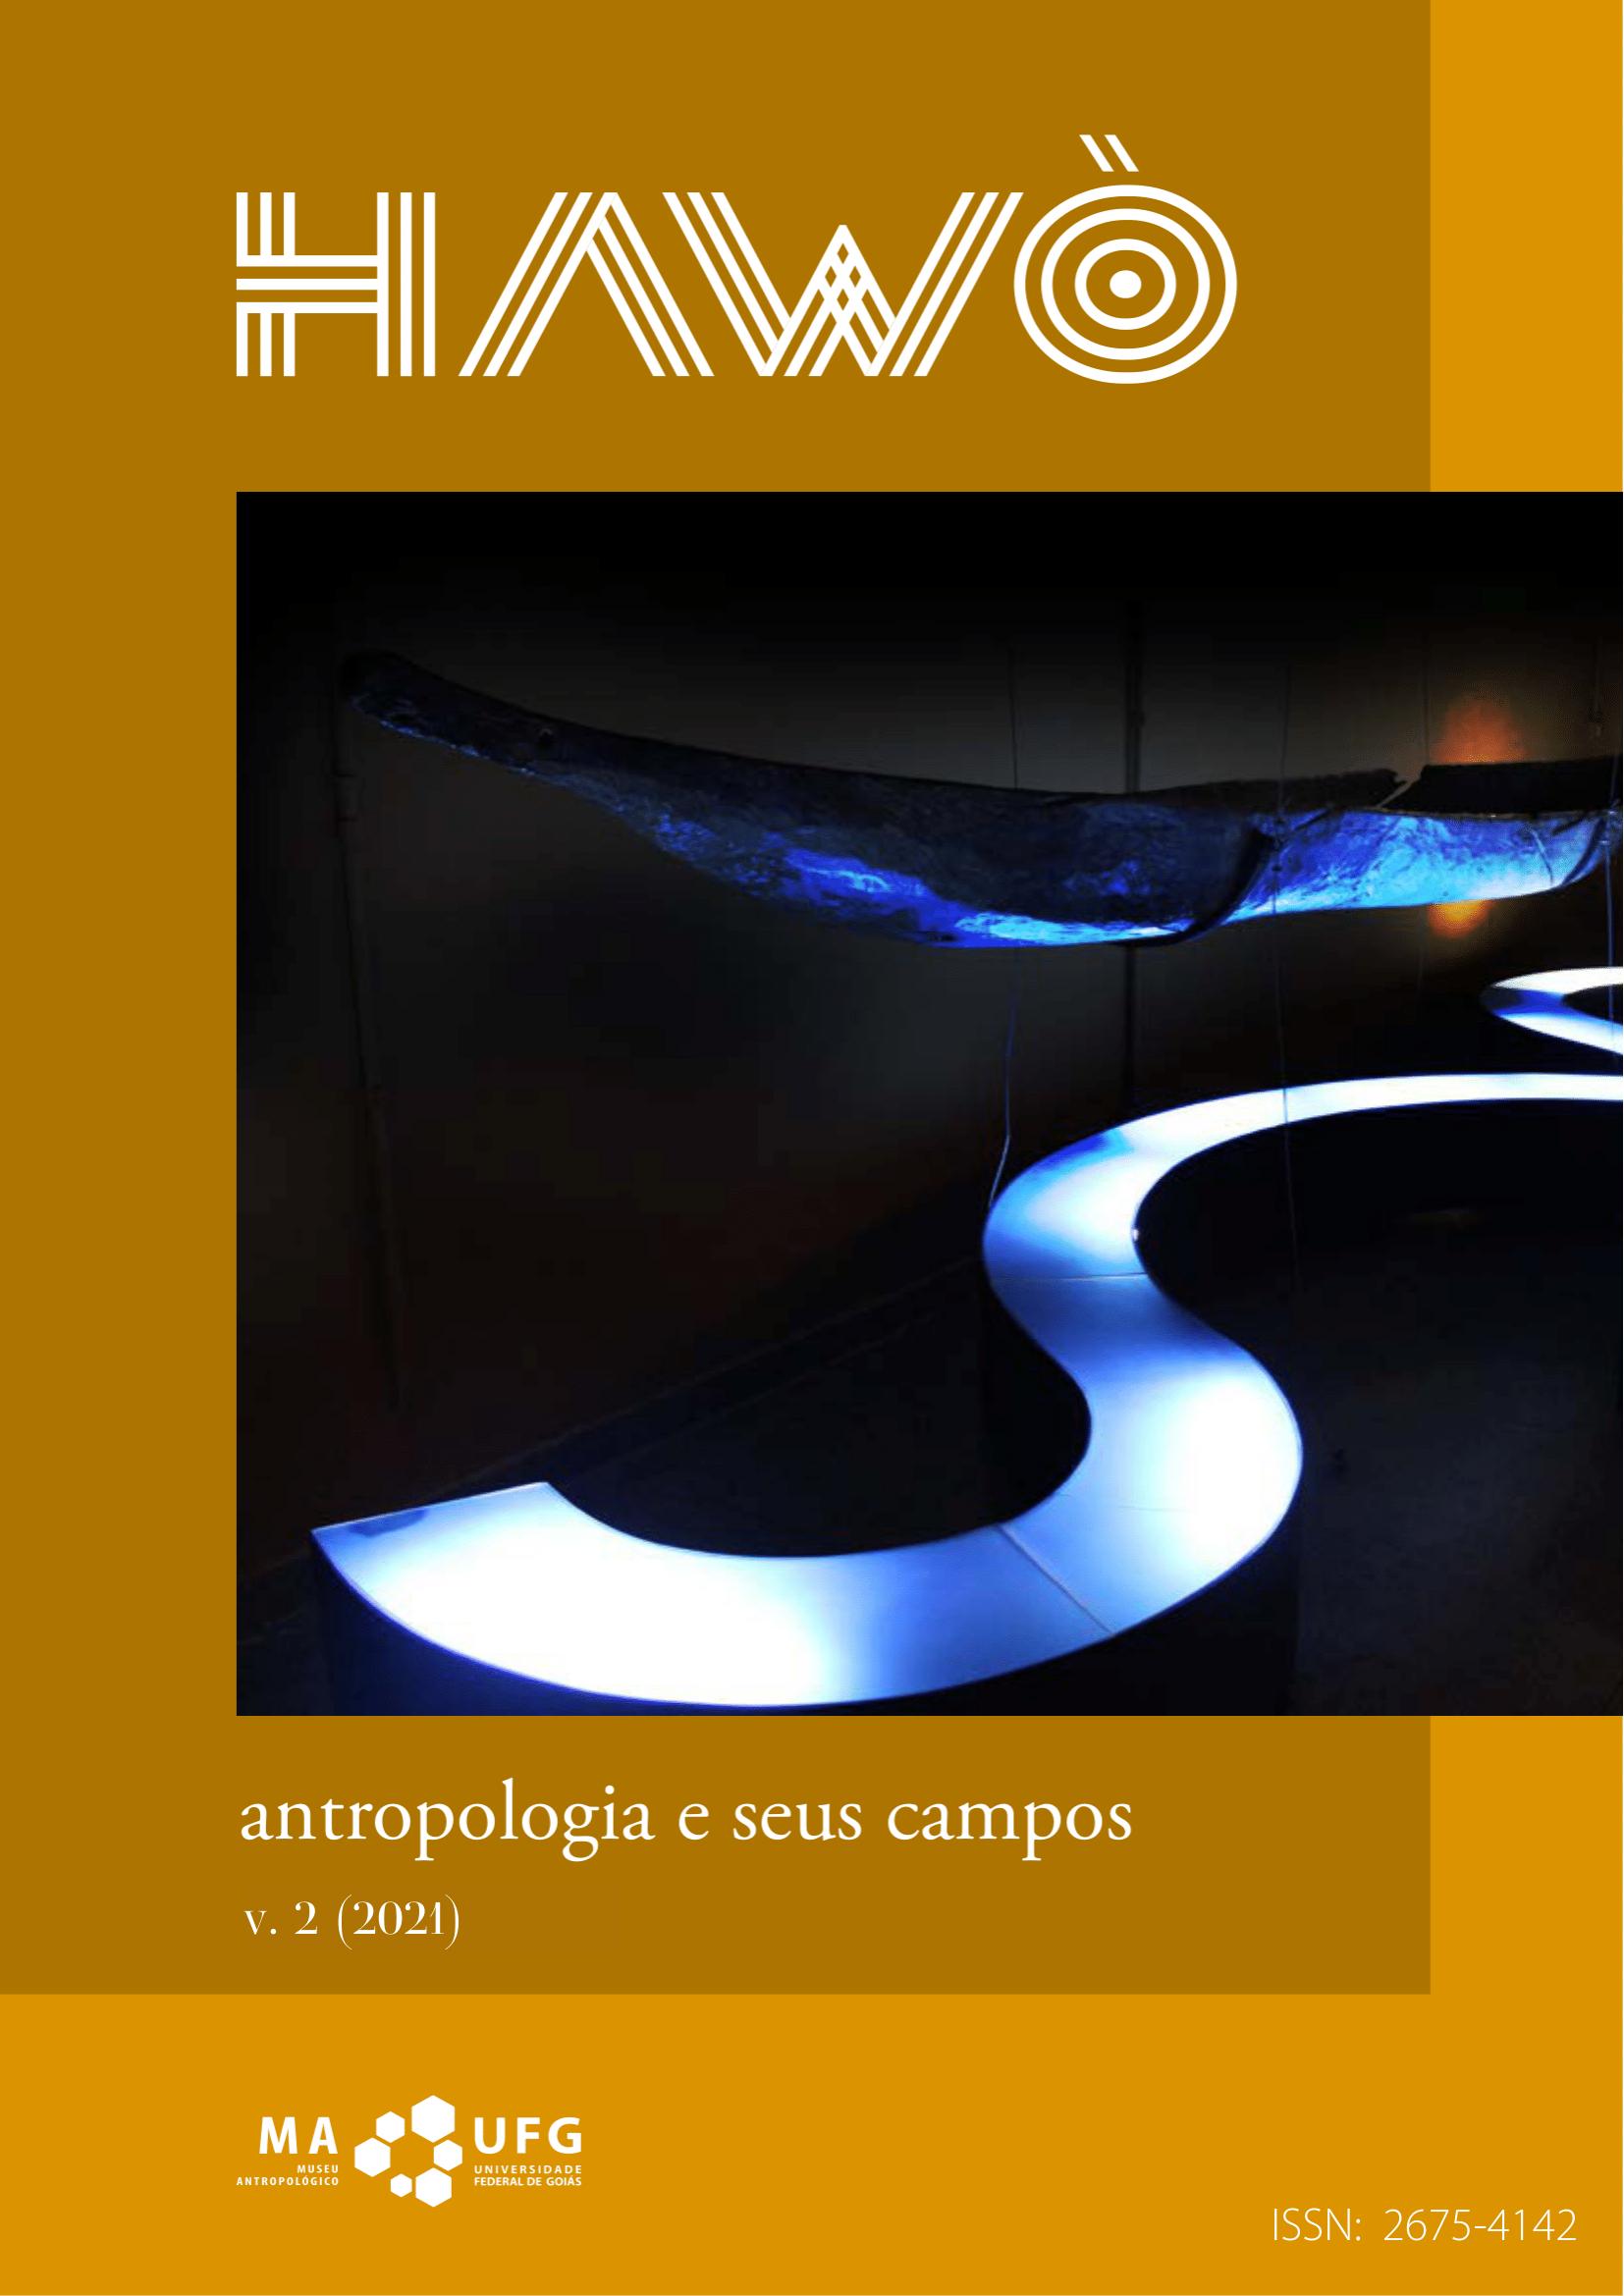 Visualizar v. 2 (2021): Antropologia e seus campos